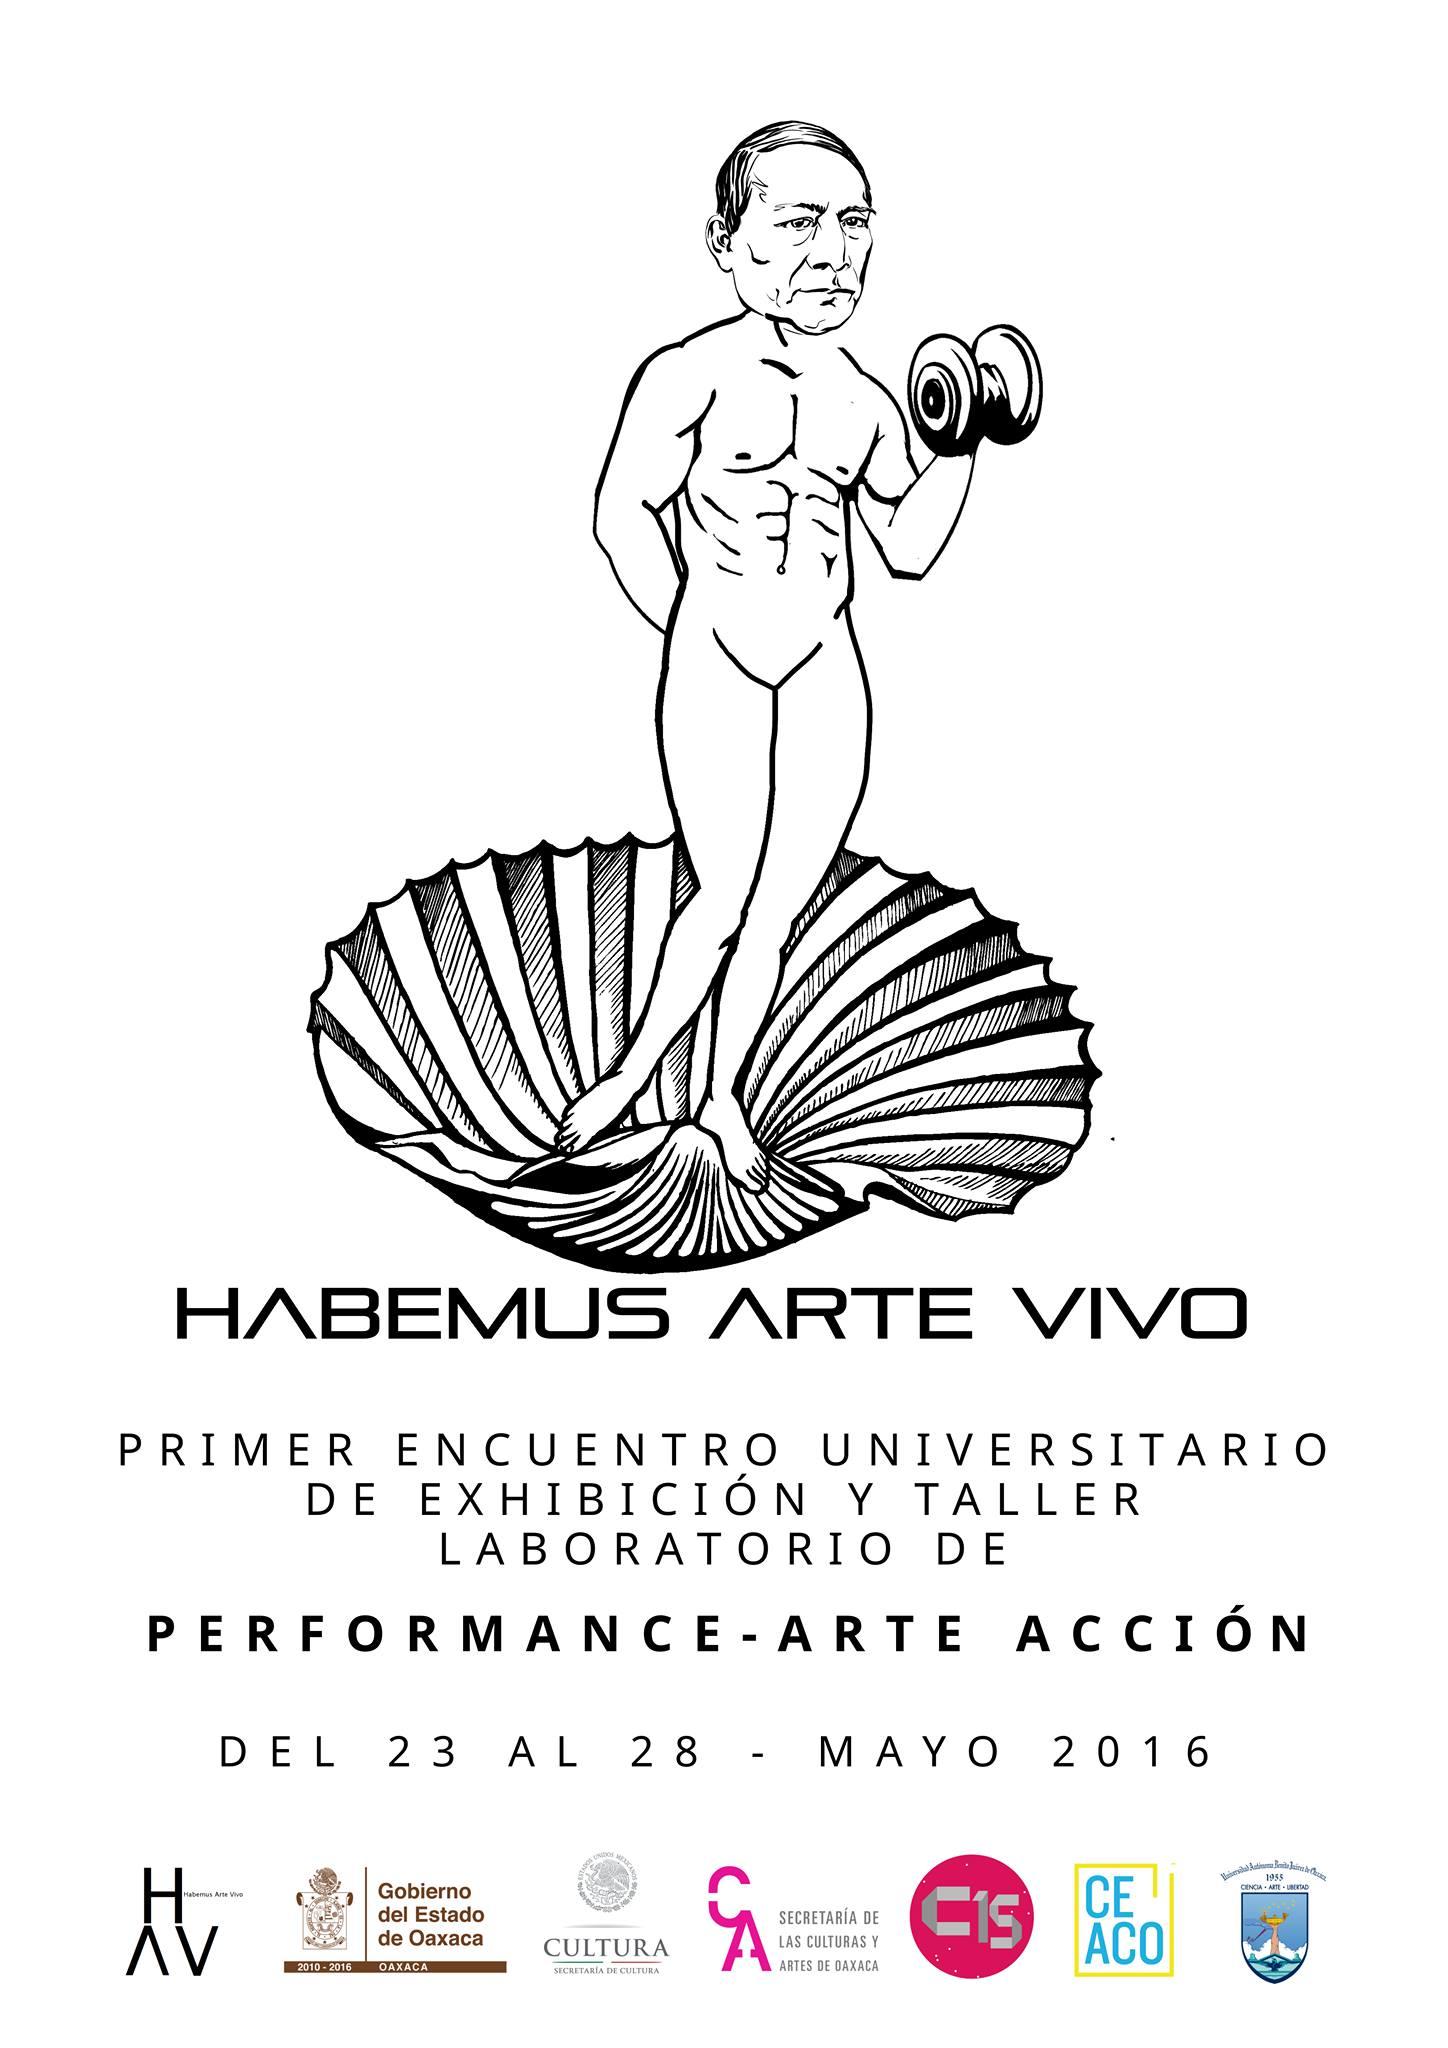 habemus arte vivo 2